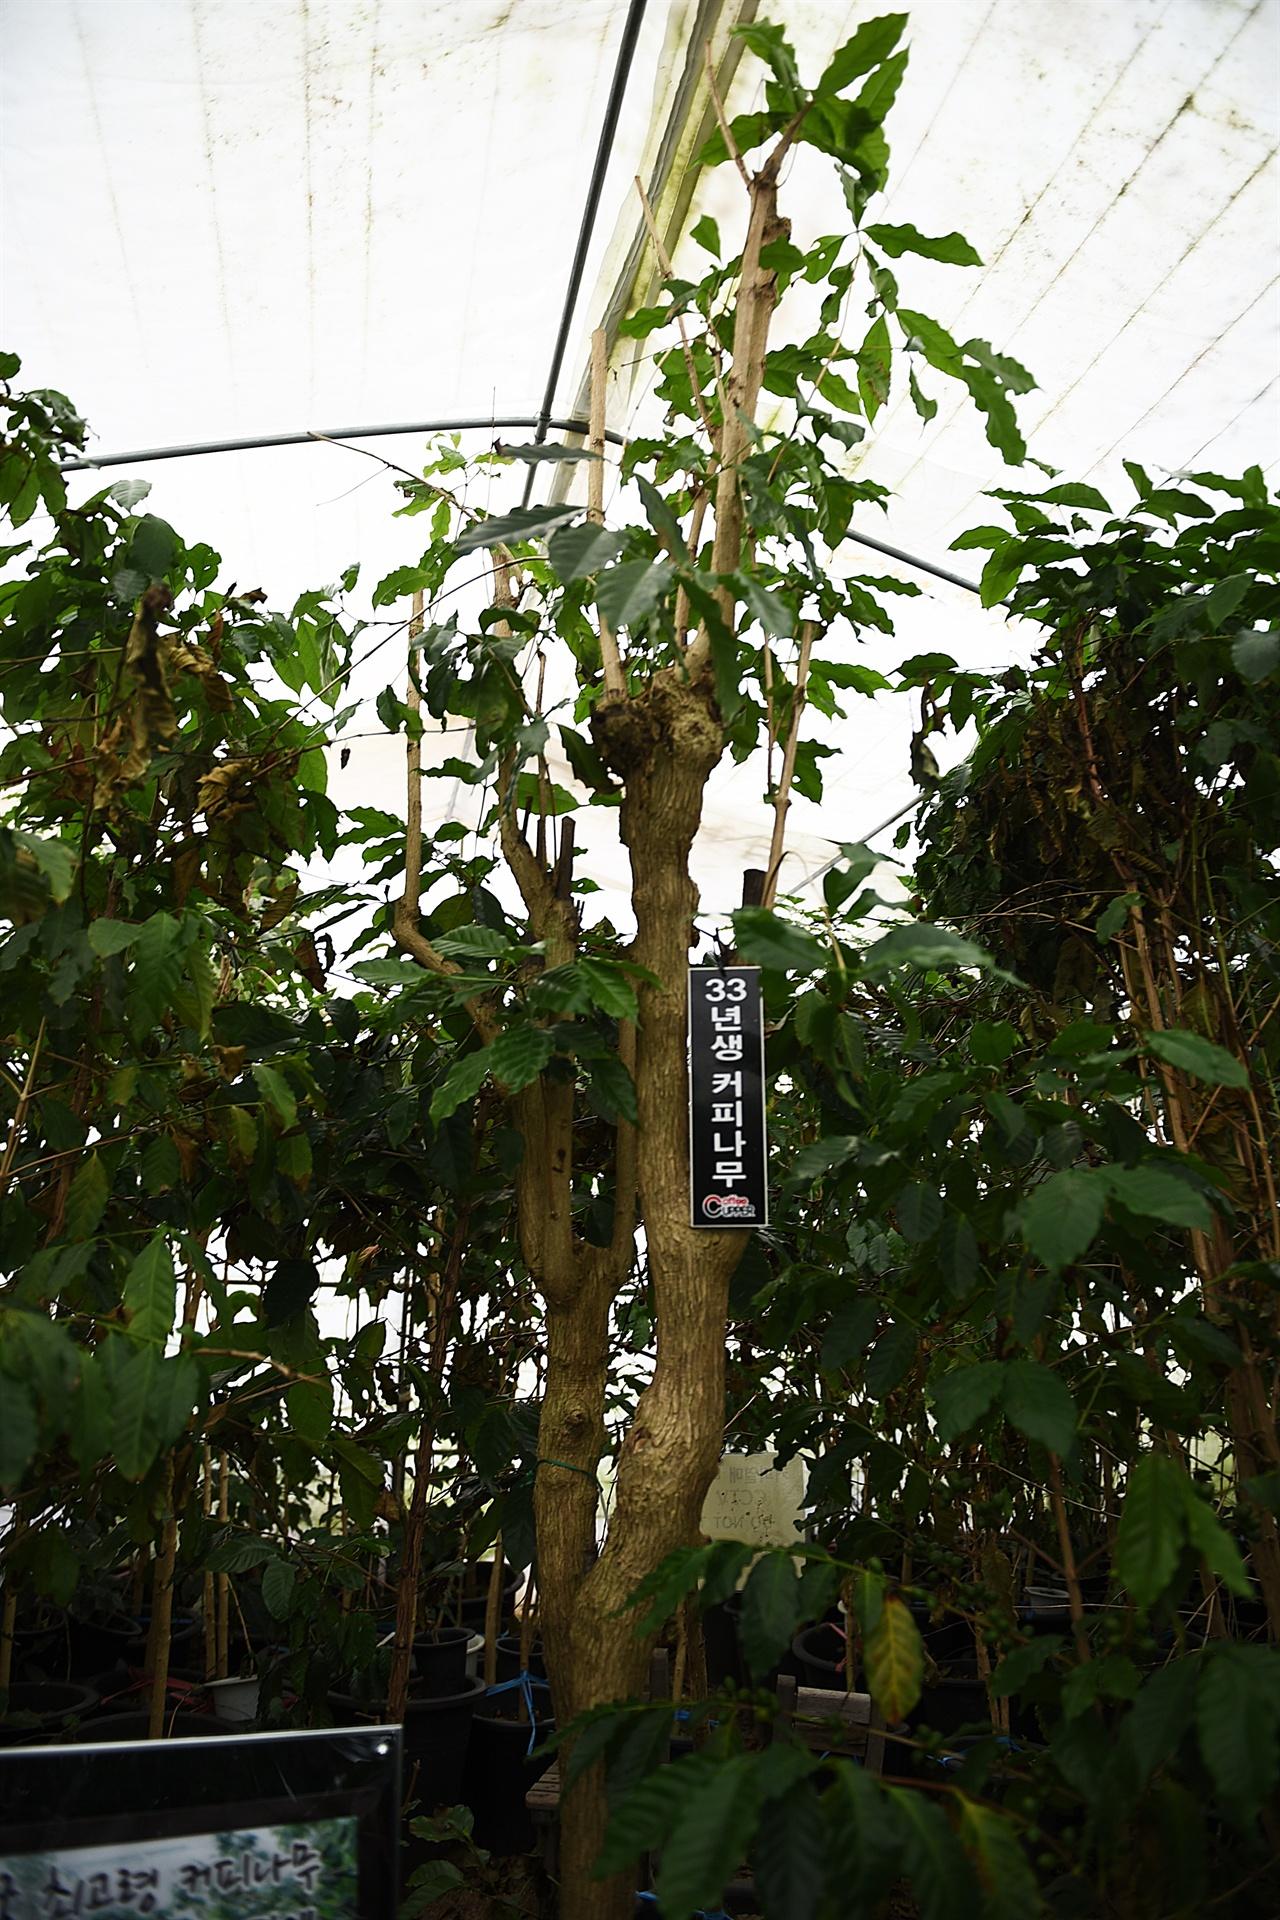 33년생 커피나무  우리나라에서 가장 먼저 심어진 커피나무. 커피박물관에 있다.